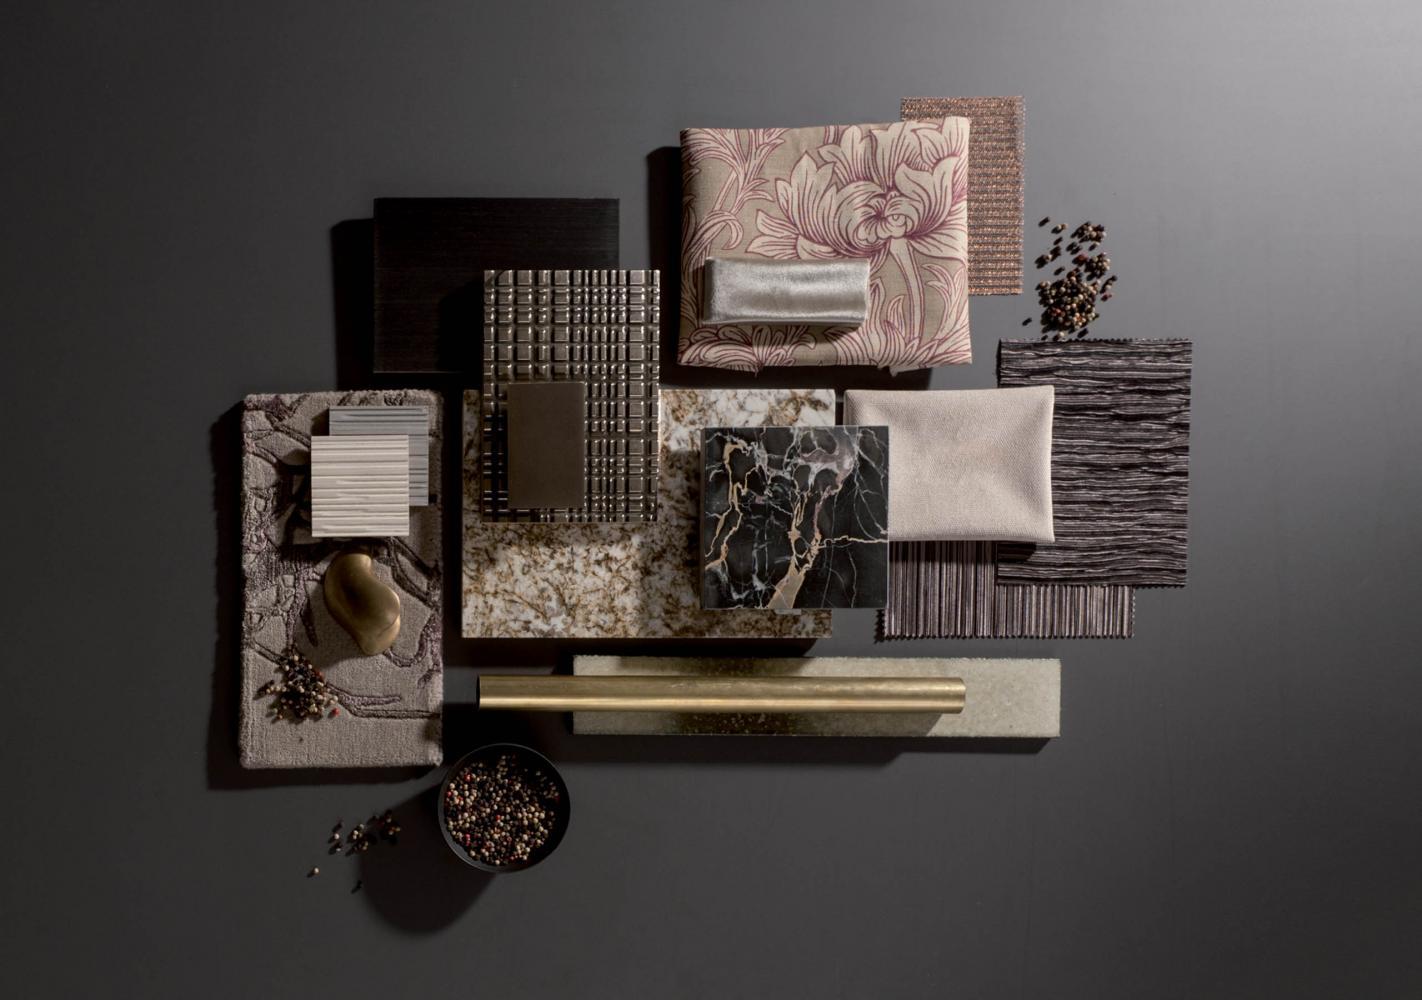 laurameroni materials moodboard for interior design decoration